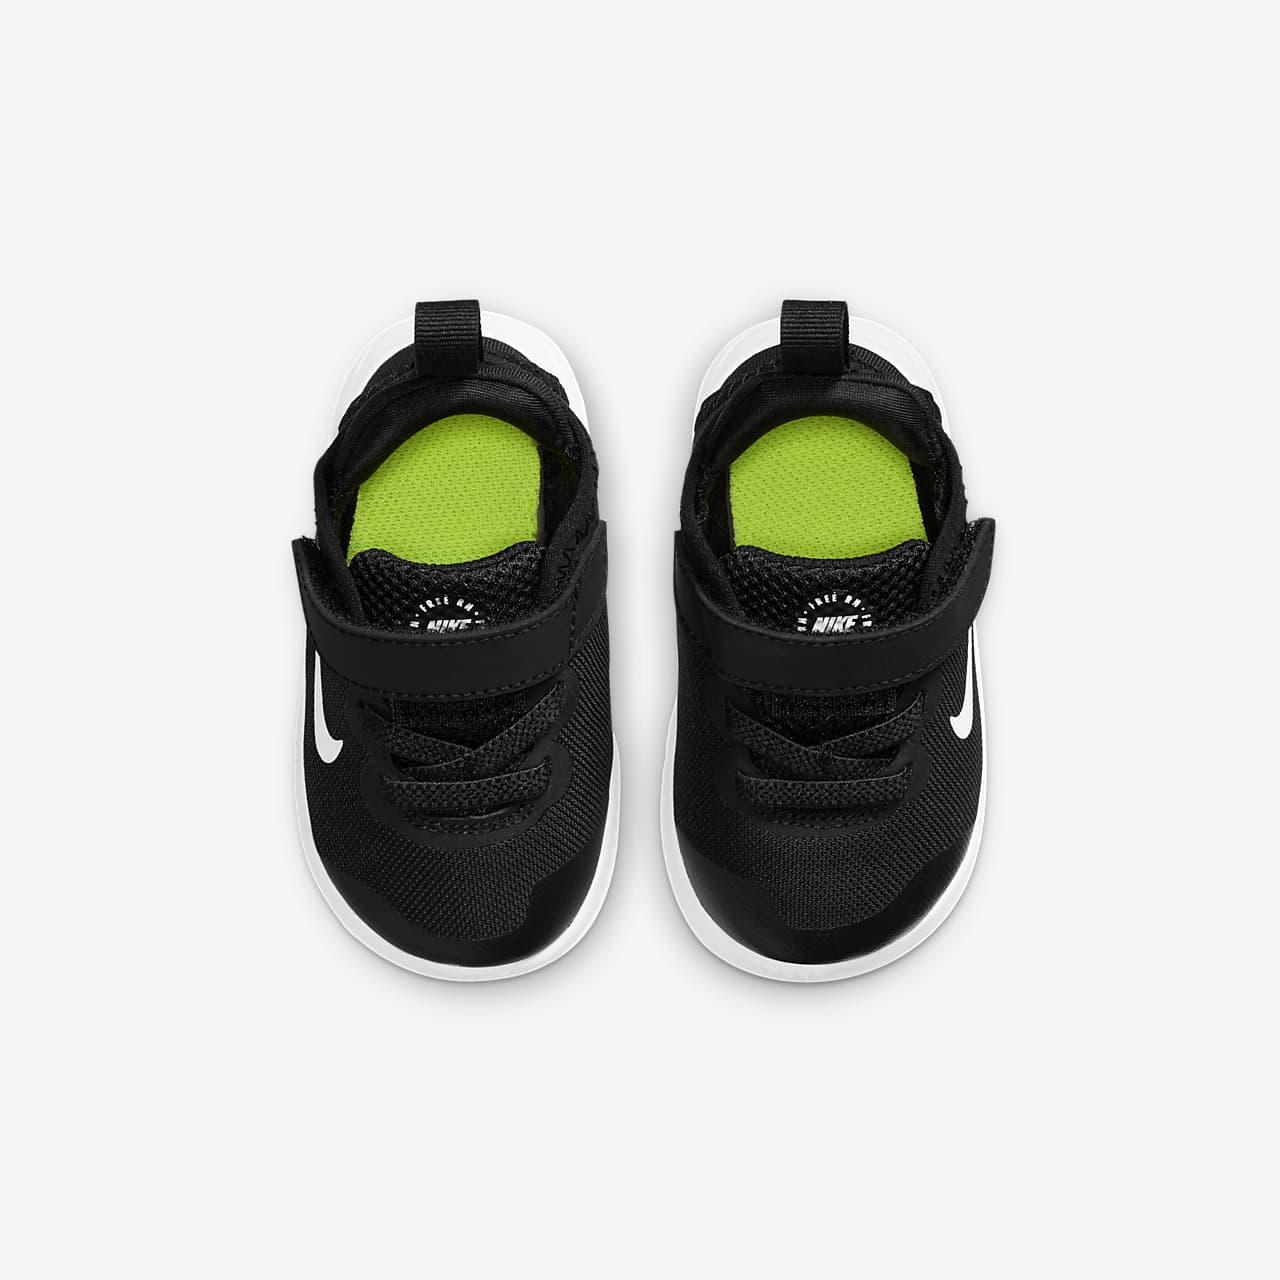 b8d3c9a14d4b Nike Free RN 2018 Baby  amp  Toddler Shoe. Nike.com AU